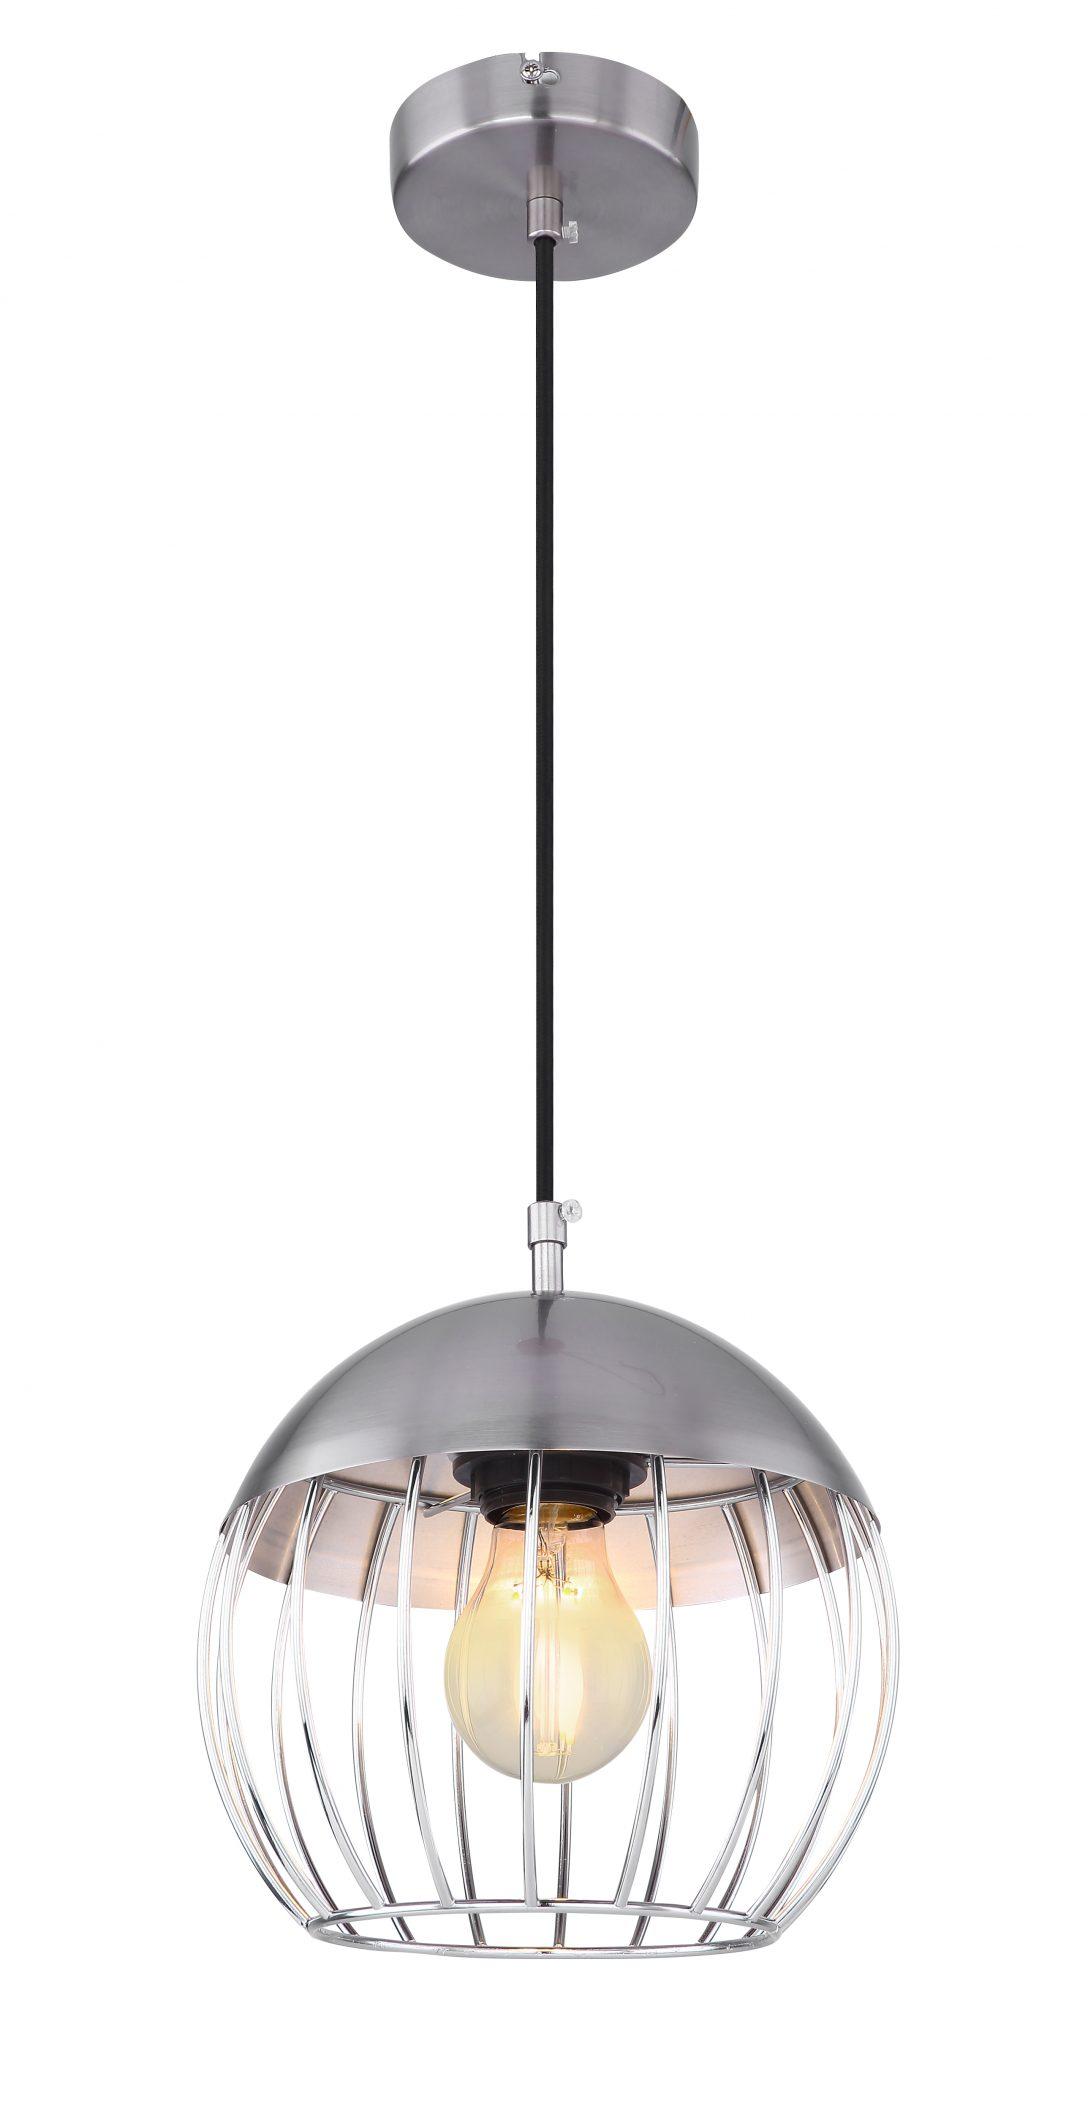 Large Size of Schlafzimmer Lampe Englisch Exe Wandlampe Bad Kronleuchter Komplettangebote Kommode Weiß Deckenlampe Deckenlampen Wohnzimmer Modern Truhe Rauch Komplett Mit Schlafzimmer Schlafzimmer Lampe